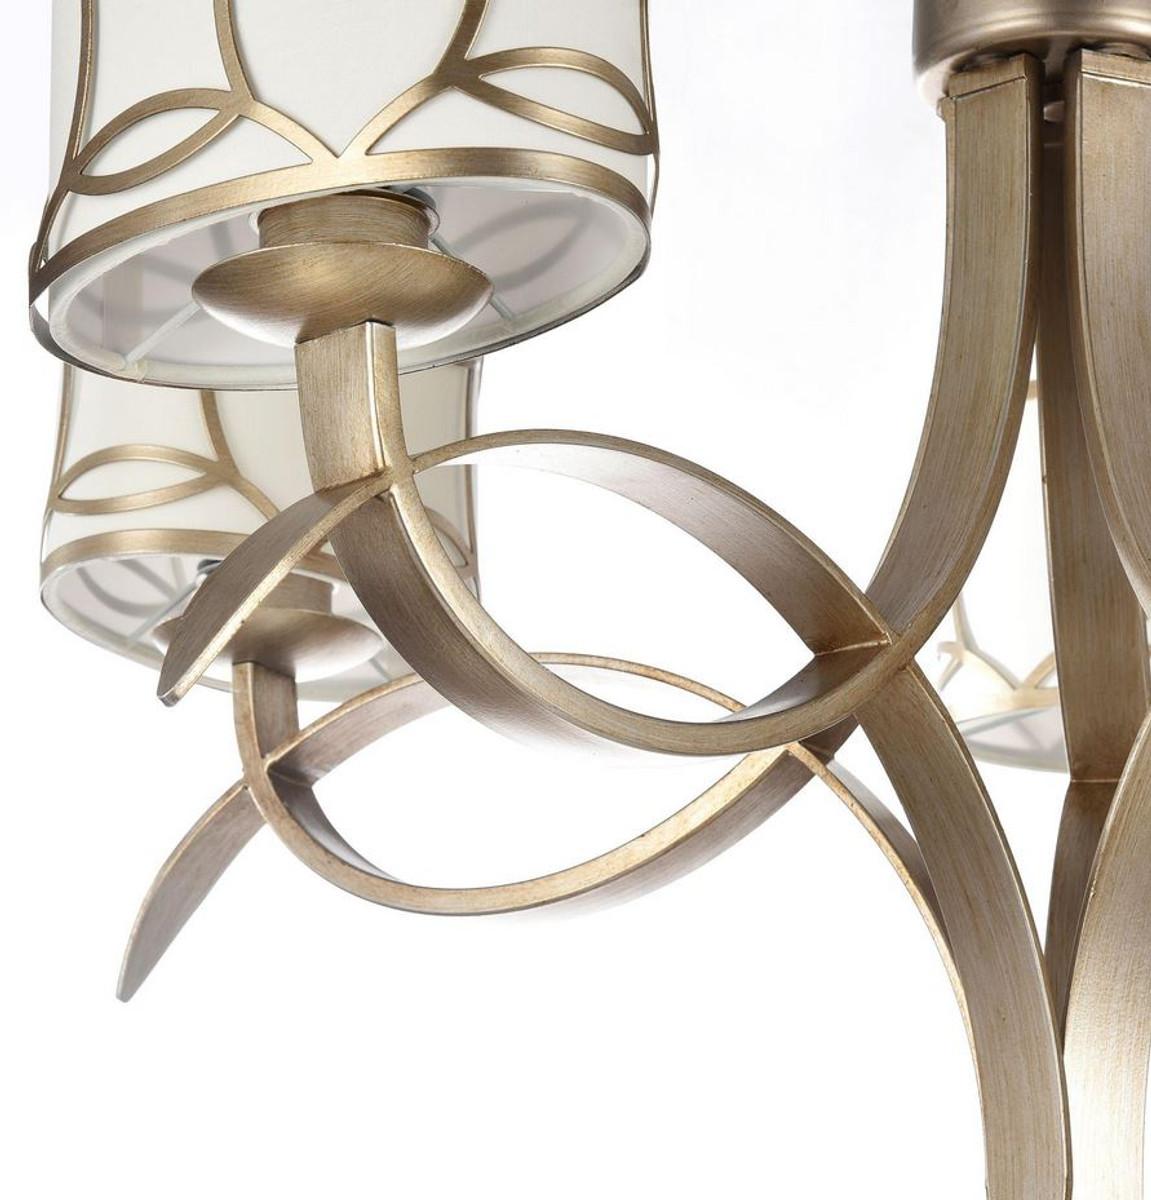 Casa Padrino Jugendstil Kronleuchter 5-Flammig Gold Ø 60,5 x H. 50,1 cm - Lüster im Jugendstil  2